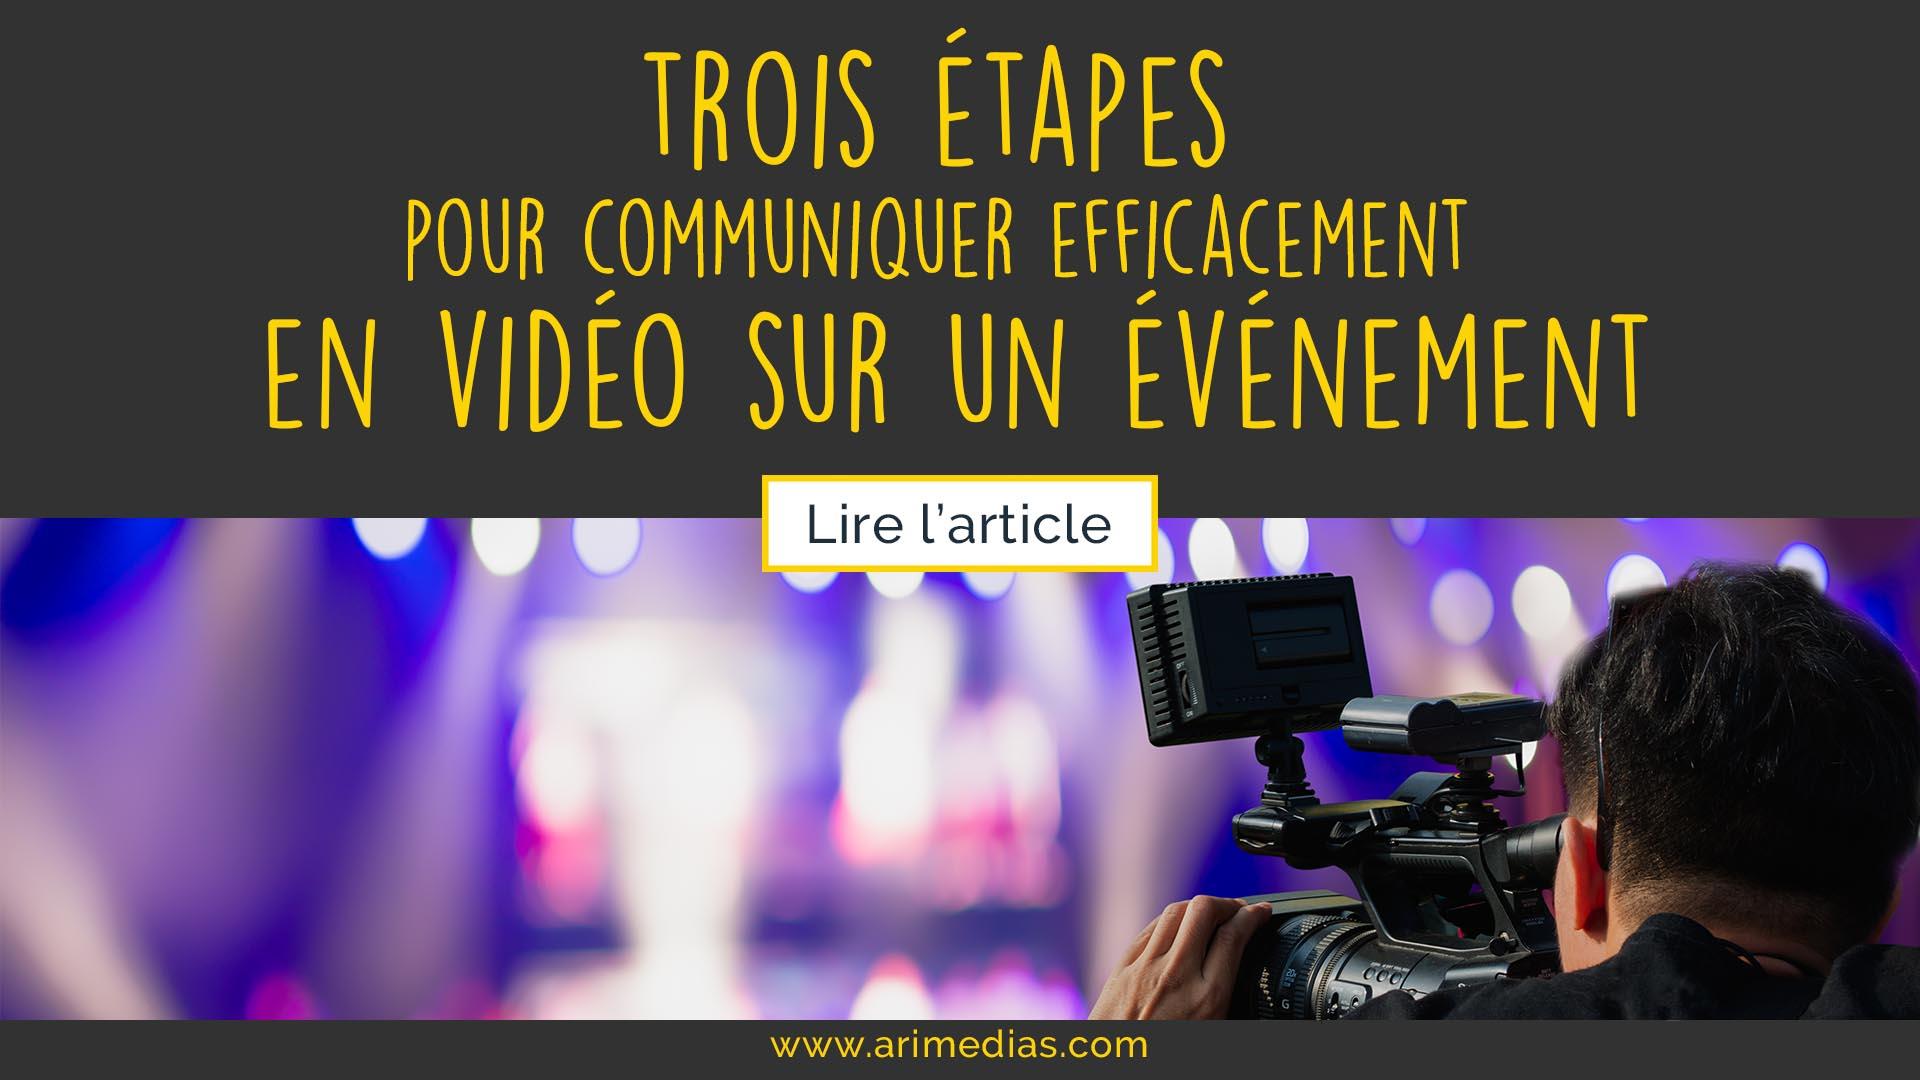 communiquer efficacement en video sur un evenement